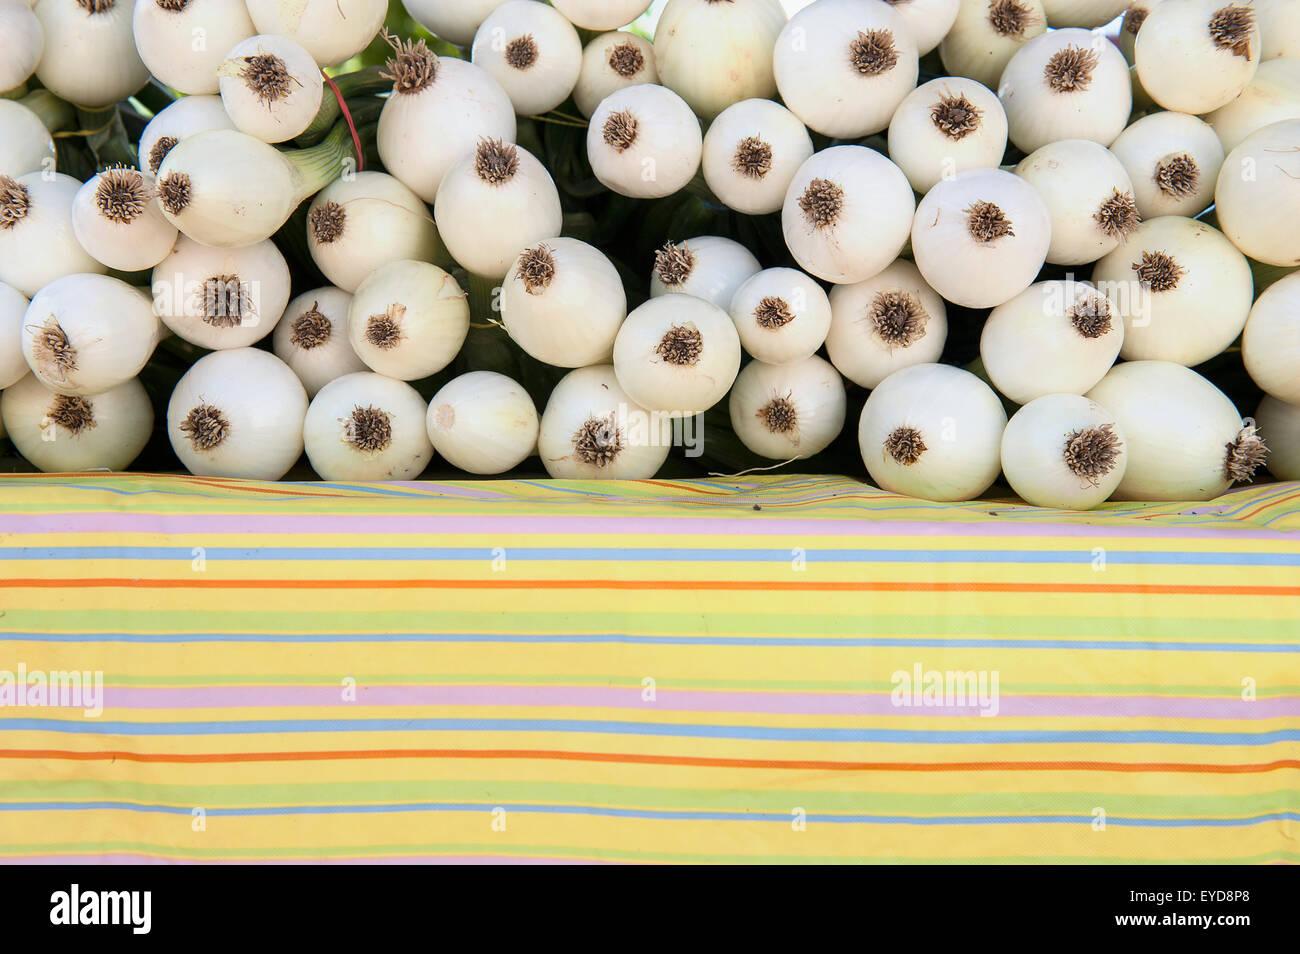 Bio-Zwiebeln auf dem Santa Fe-Bauernmarkt am renovierten Rail Yard, Santa Fe, New Mexico, Usa Stockbild